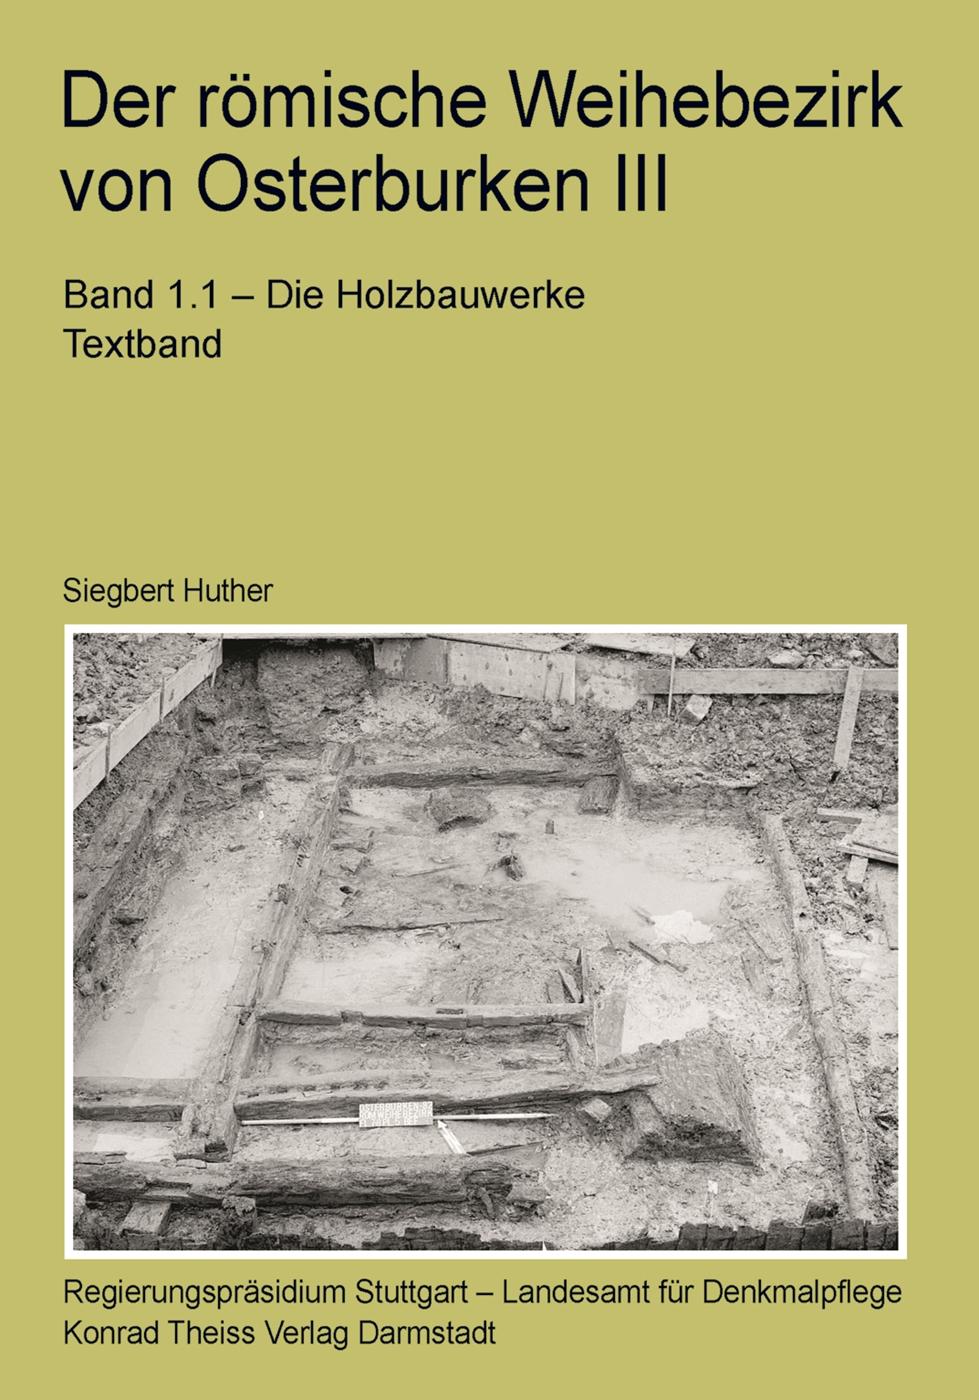 Der römische Weihebezirk von Osterburken III Siegbert Huther